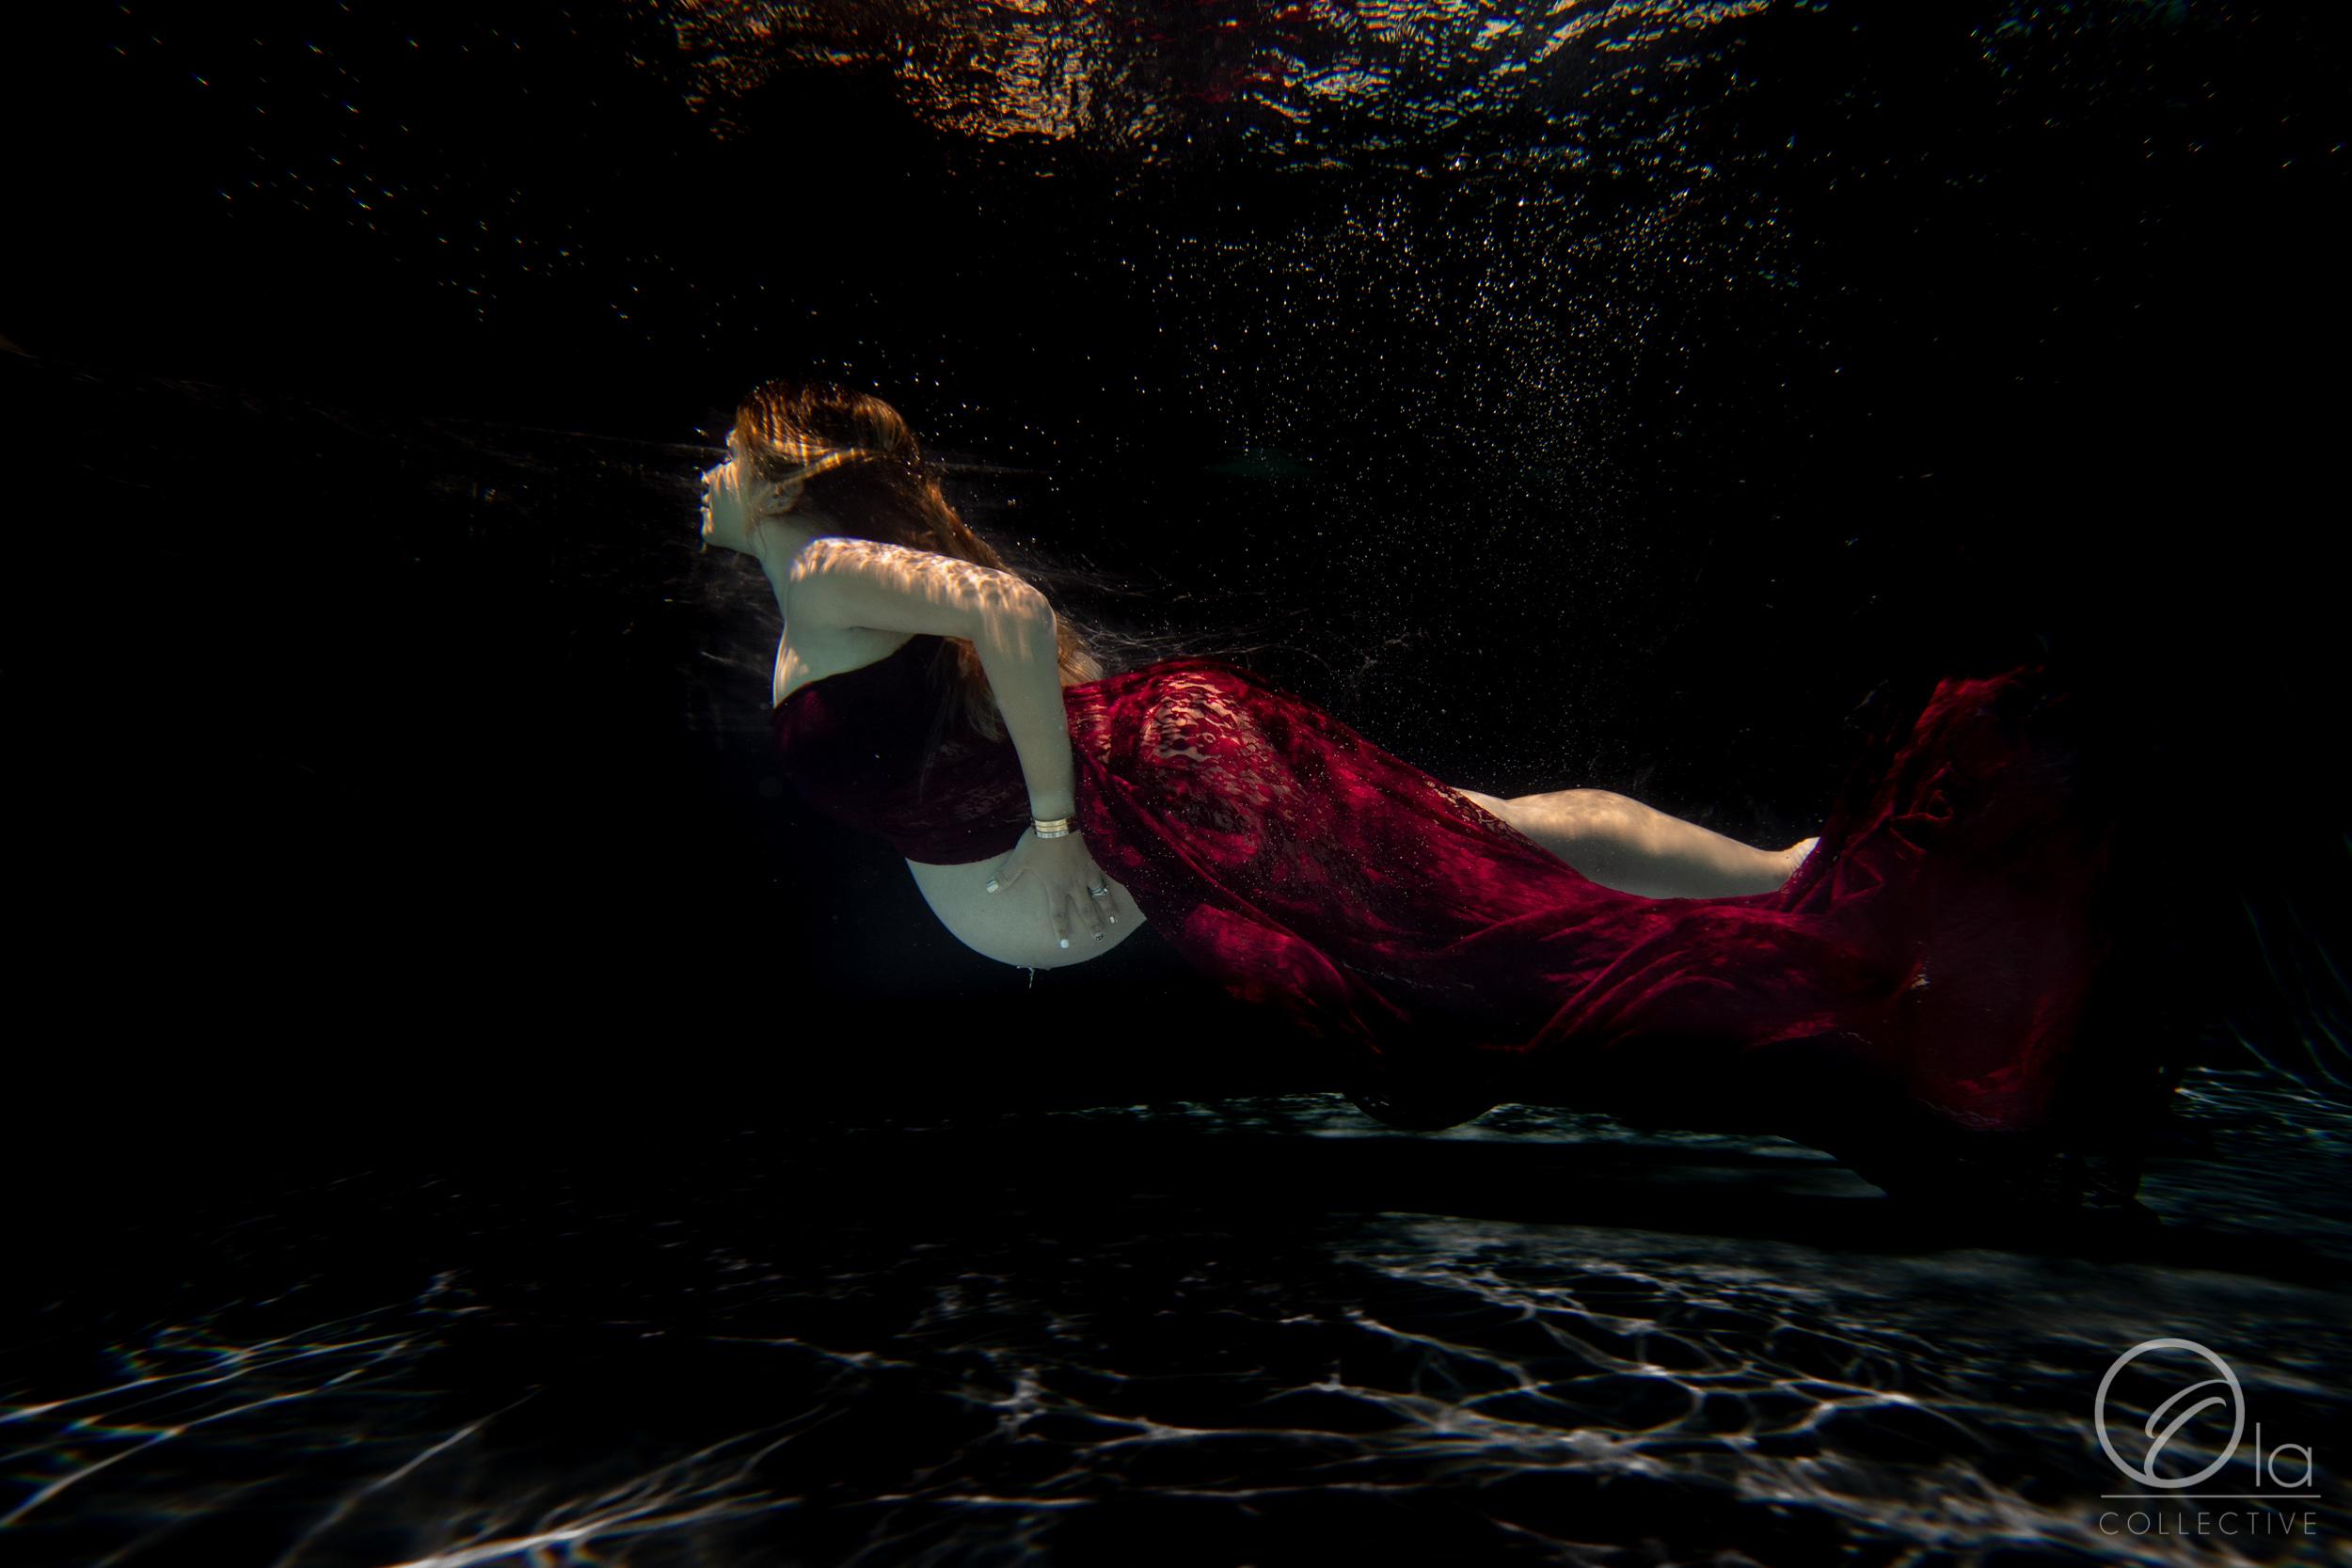 Mermaid vibes.